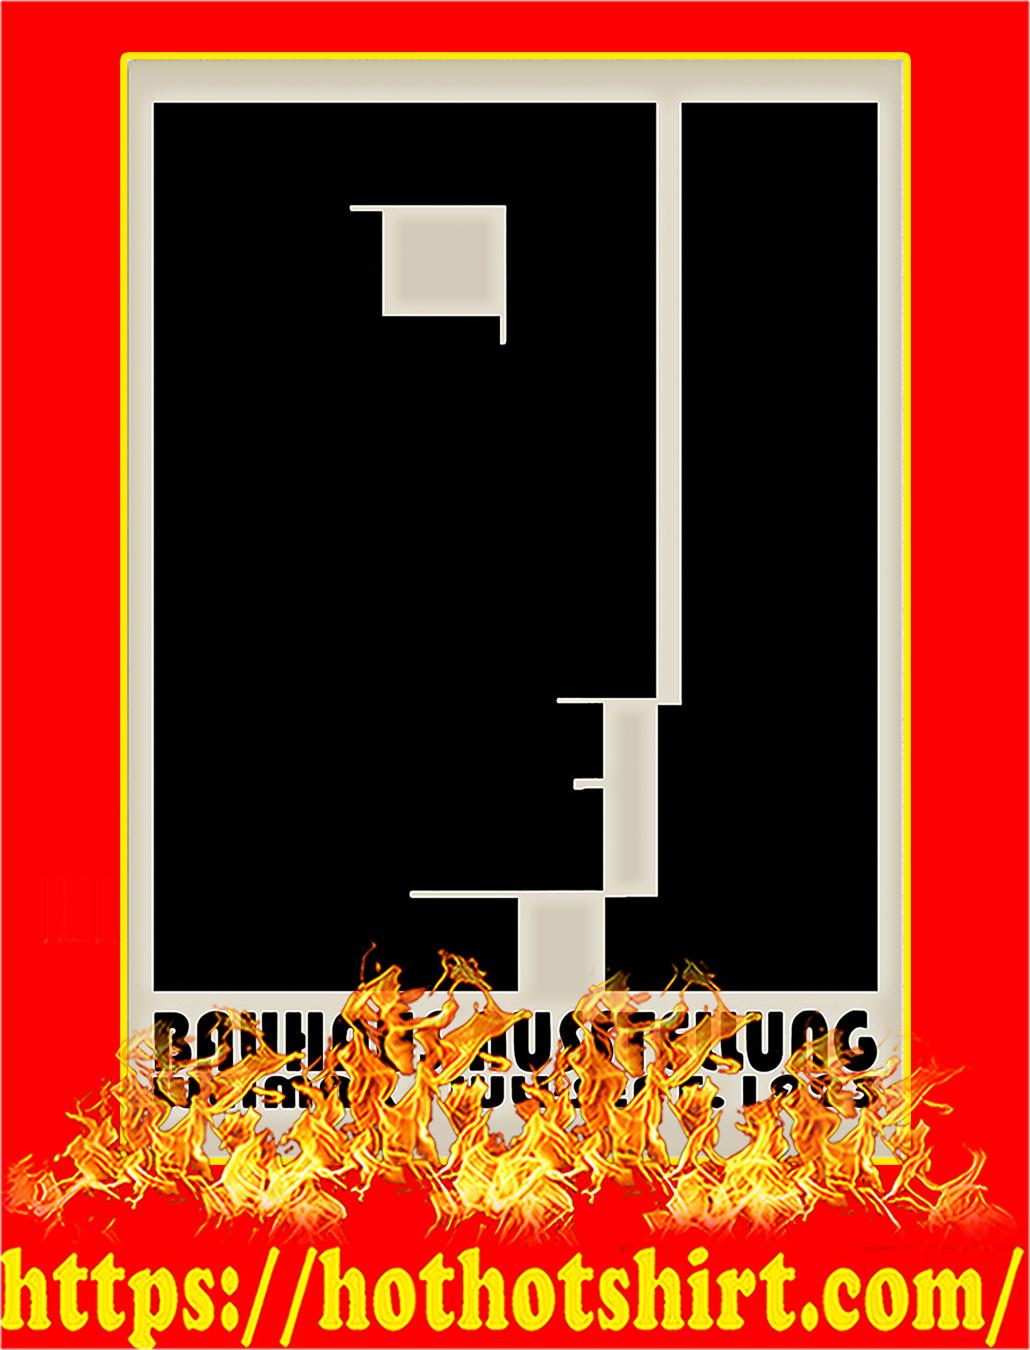 Bauhaus Ausstellung Weimar Juli - Sept 1923 poster - A4